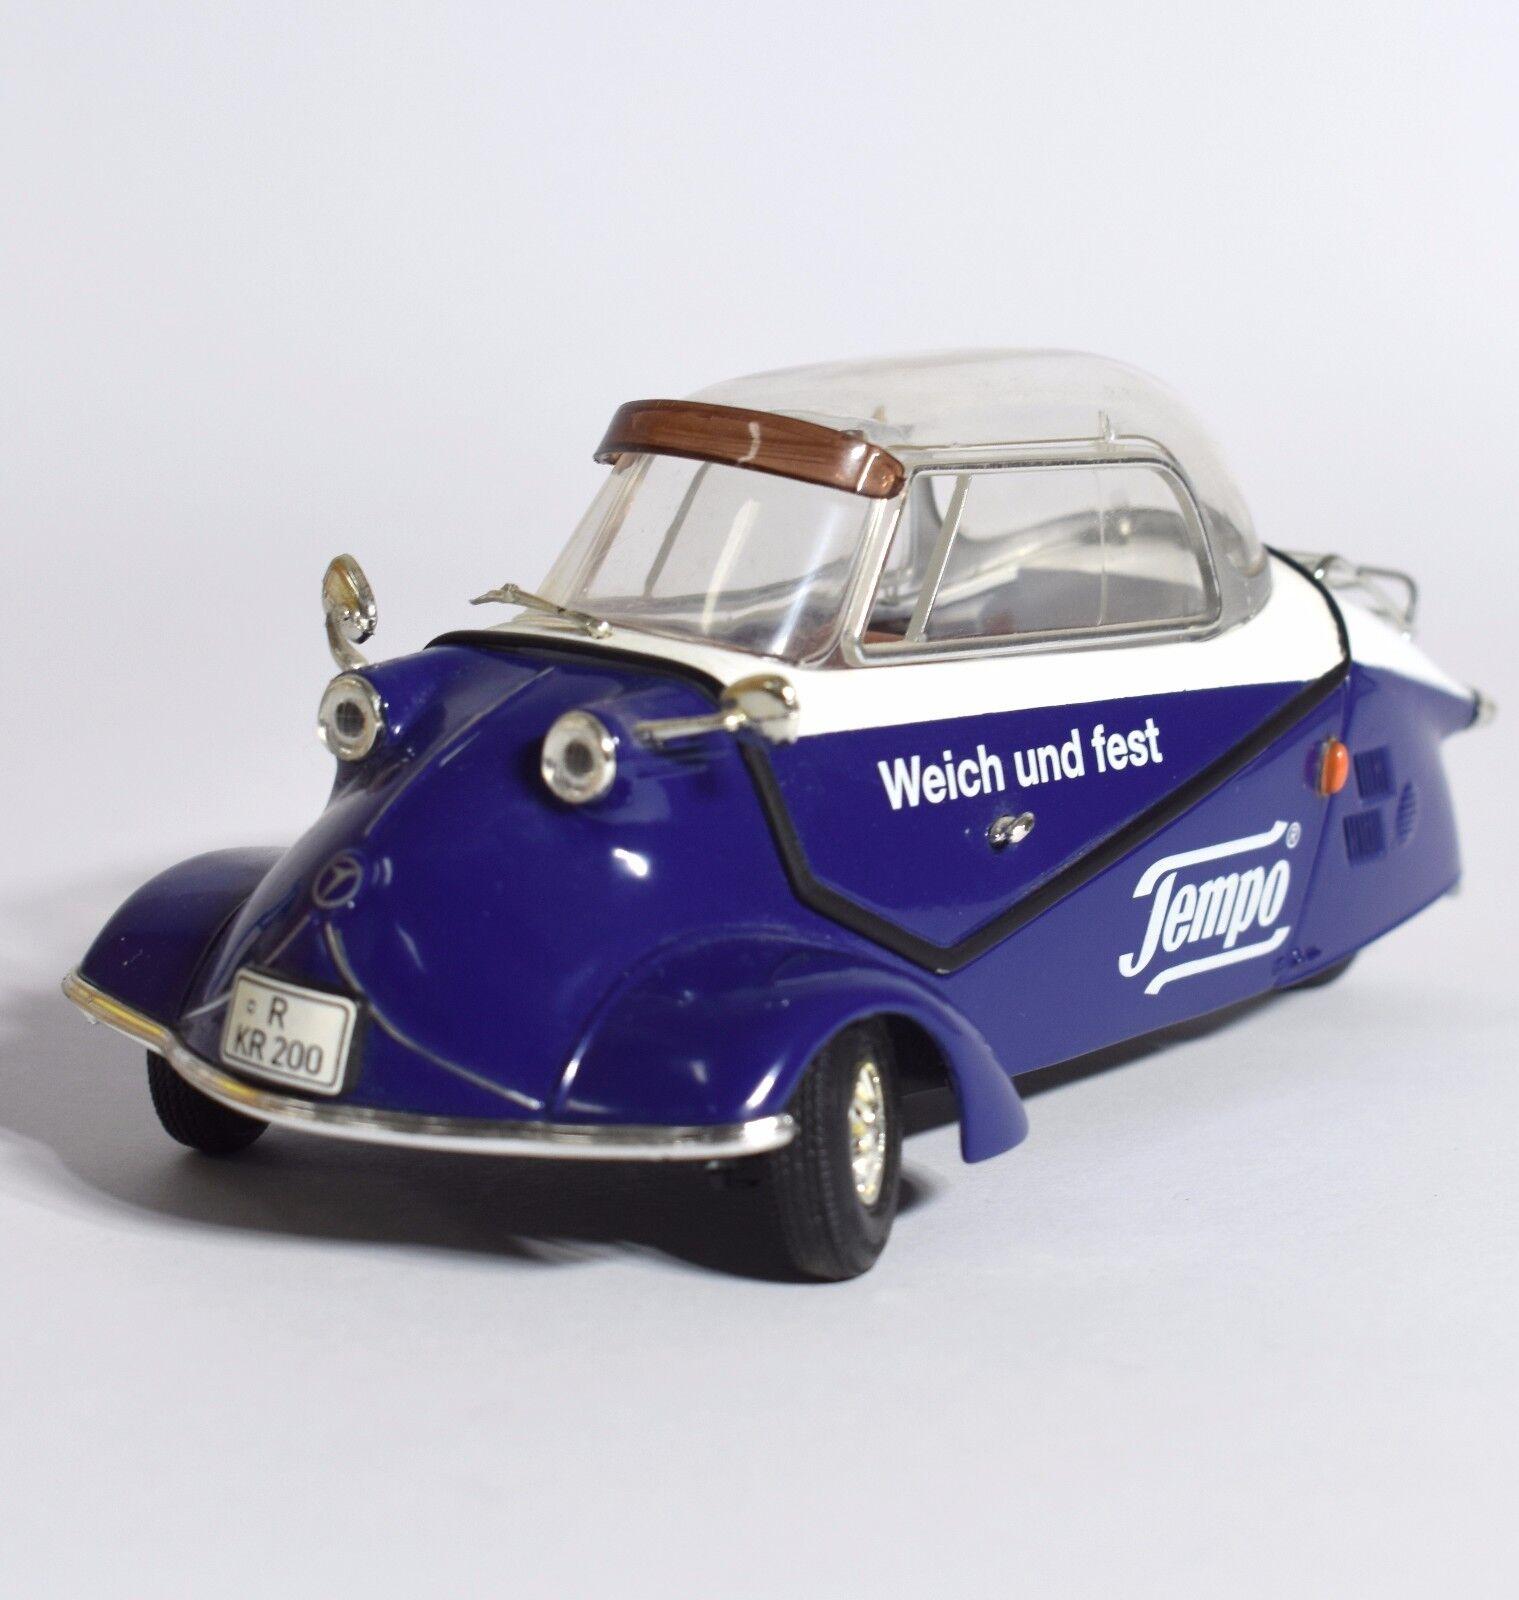 Revell 08967 messerschmitt kr 200  tempo  kabinenroller, ovp, 18, k017